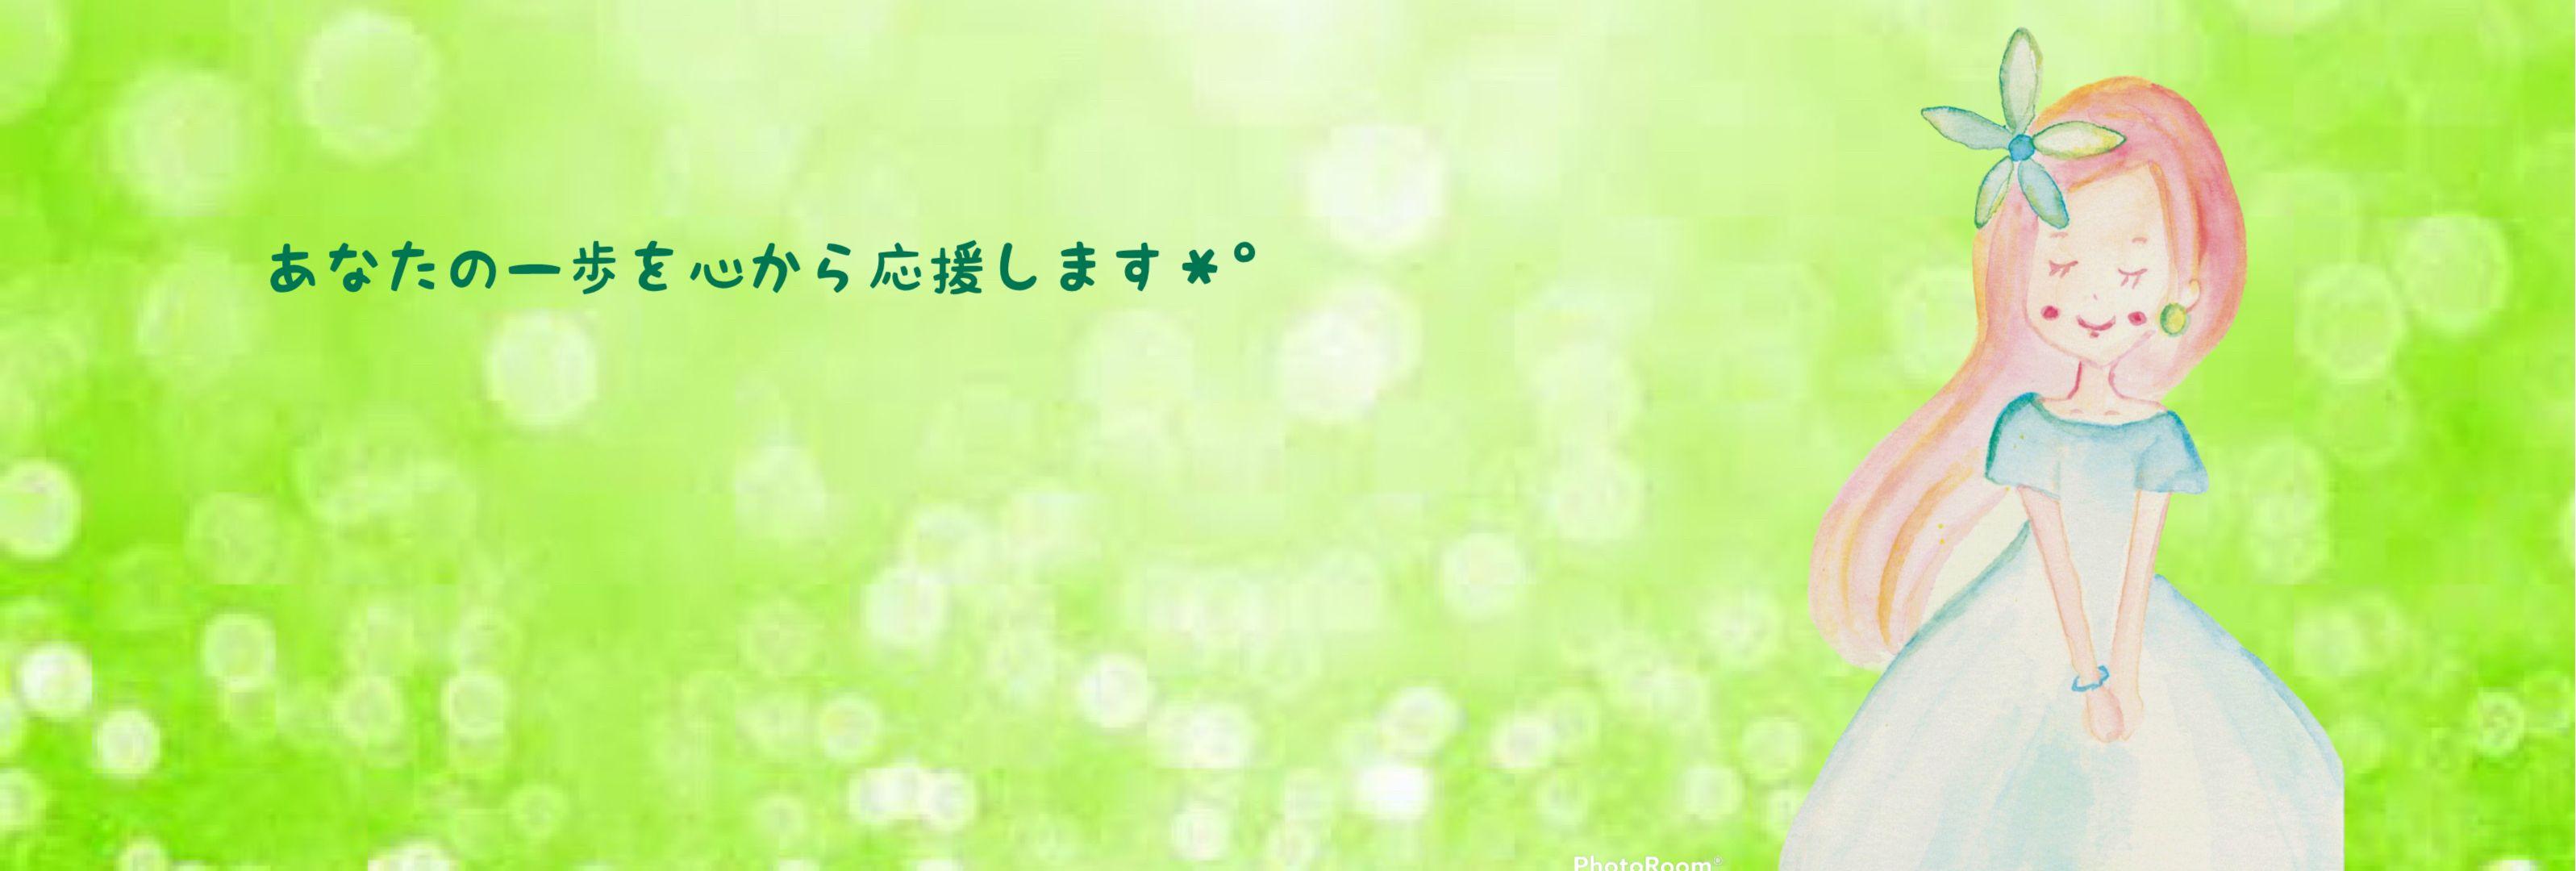 心と身体を癒すシータヒーリング『Leaf-lily/リーフリリィ』